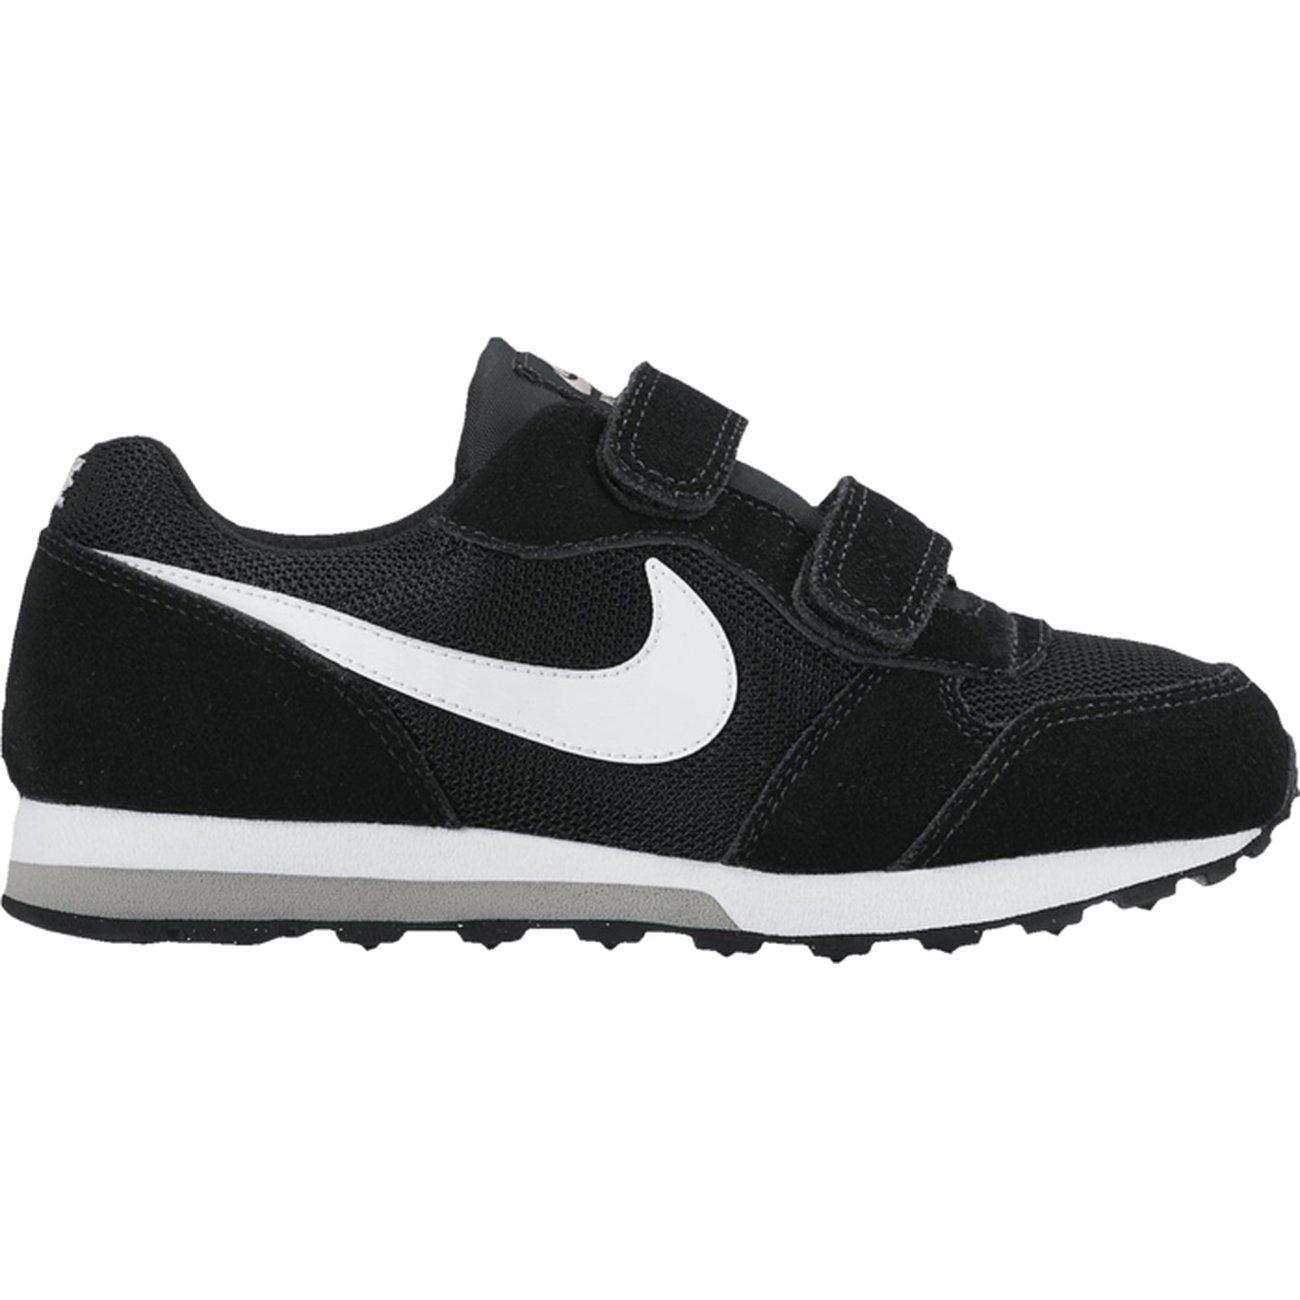 Baskets Nike md runner à scratch pour enfant - Taille 28.5 à 35